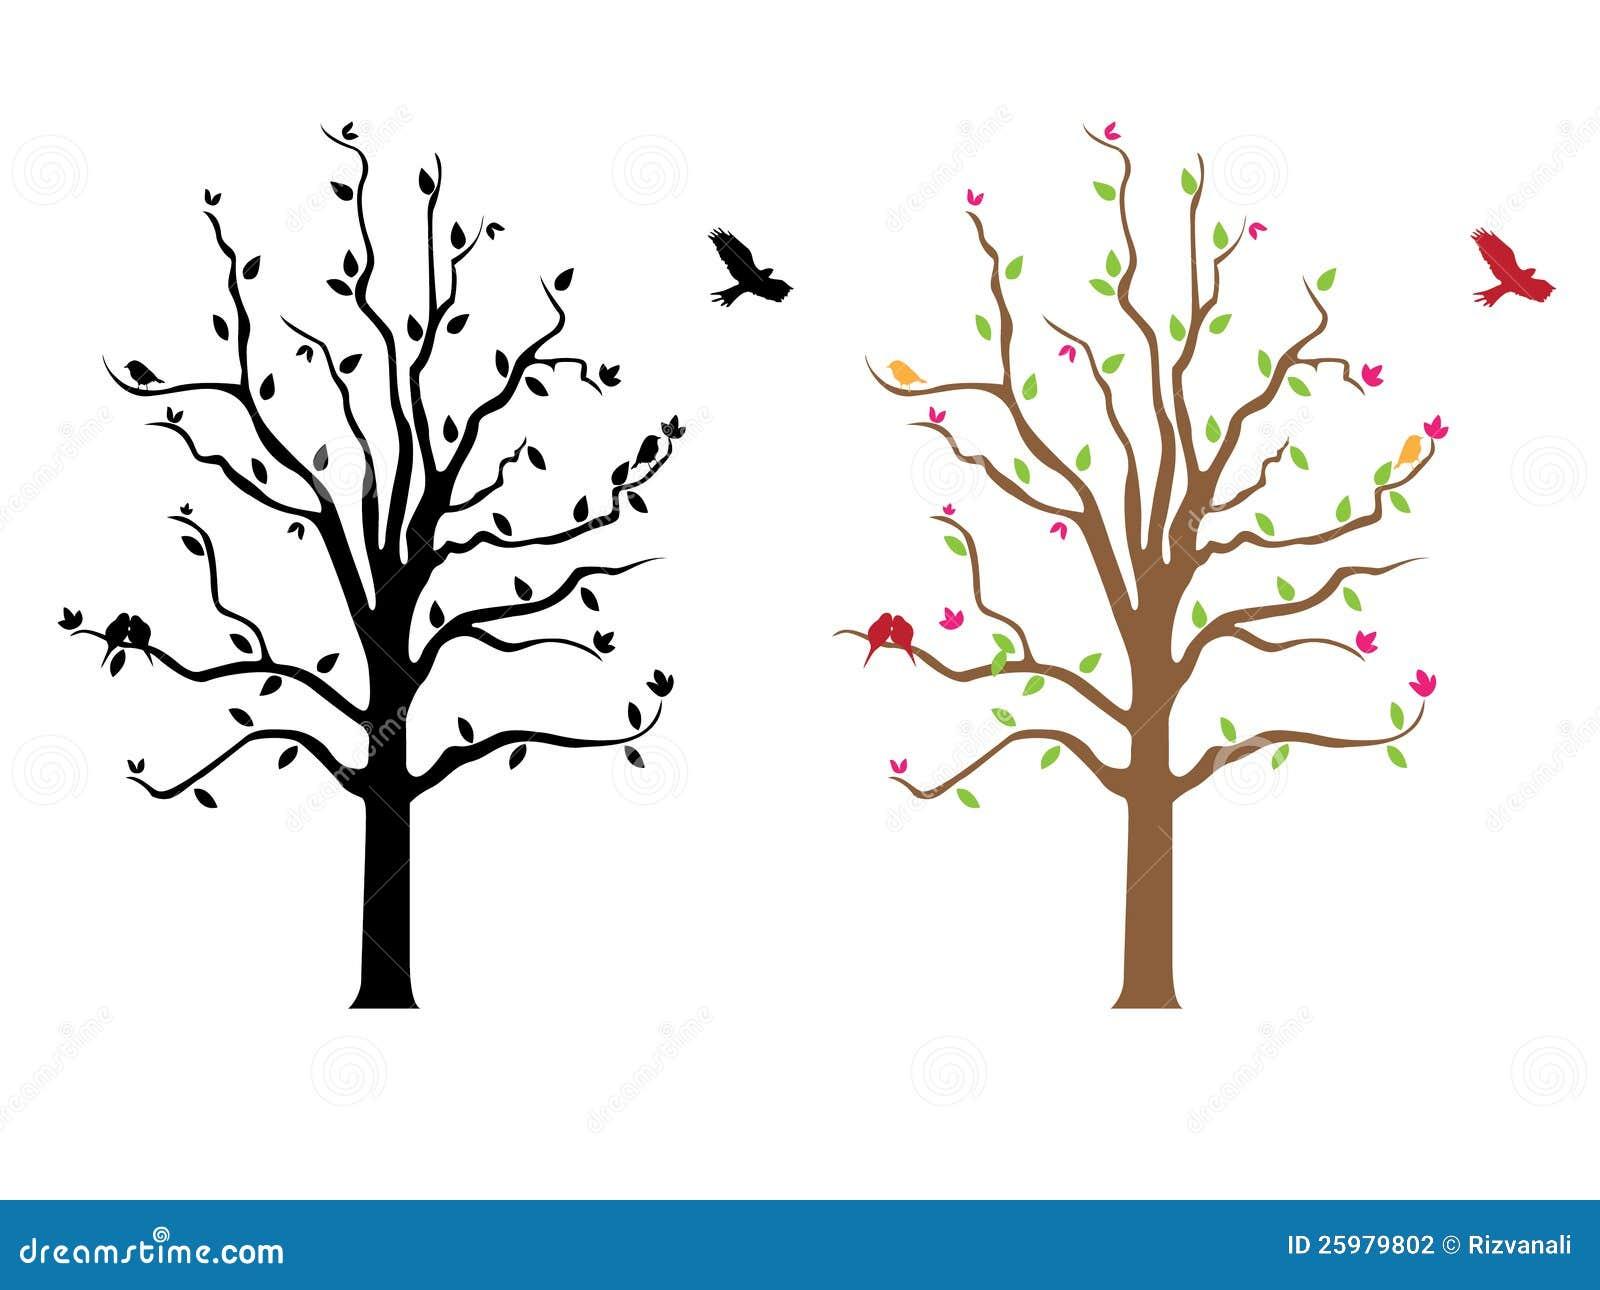 Dessin-modèle D'étiquette D'arbre Illustration De Vecteur